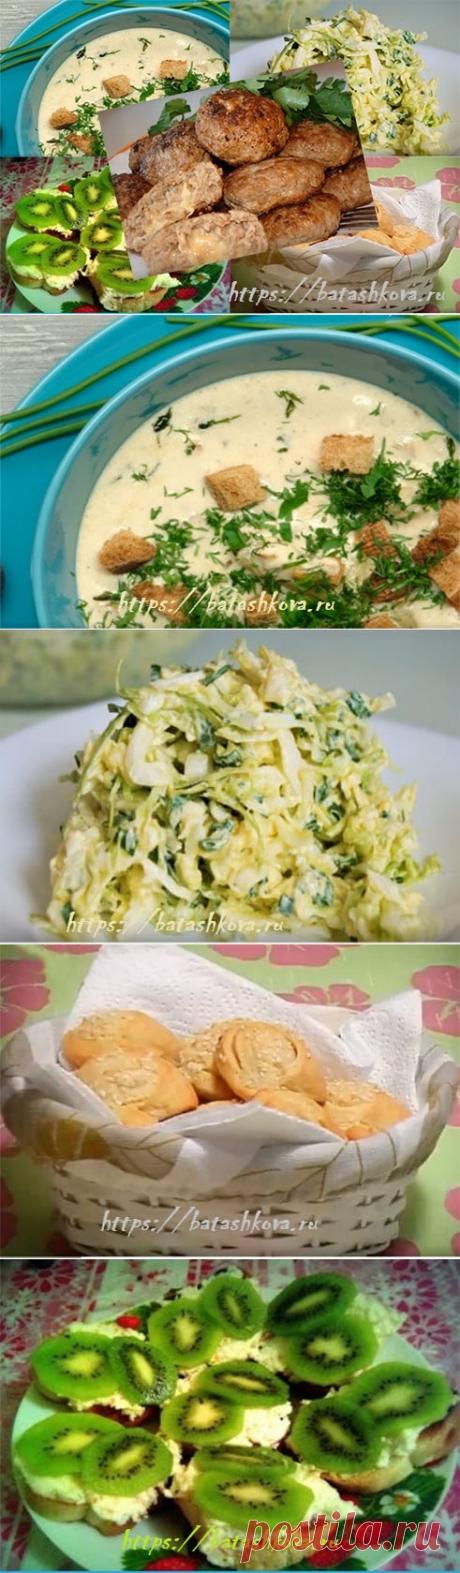 Плавленый сыр – что приготовить, 5 проверенных рецептов с фото.